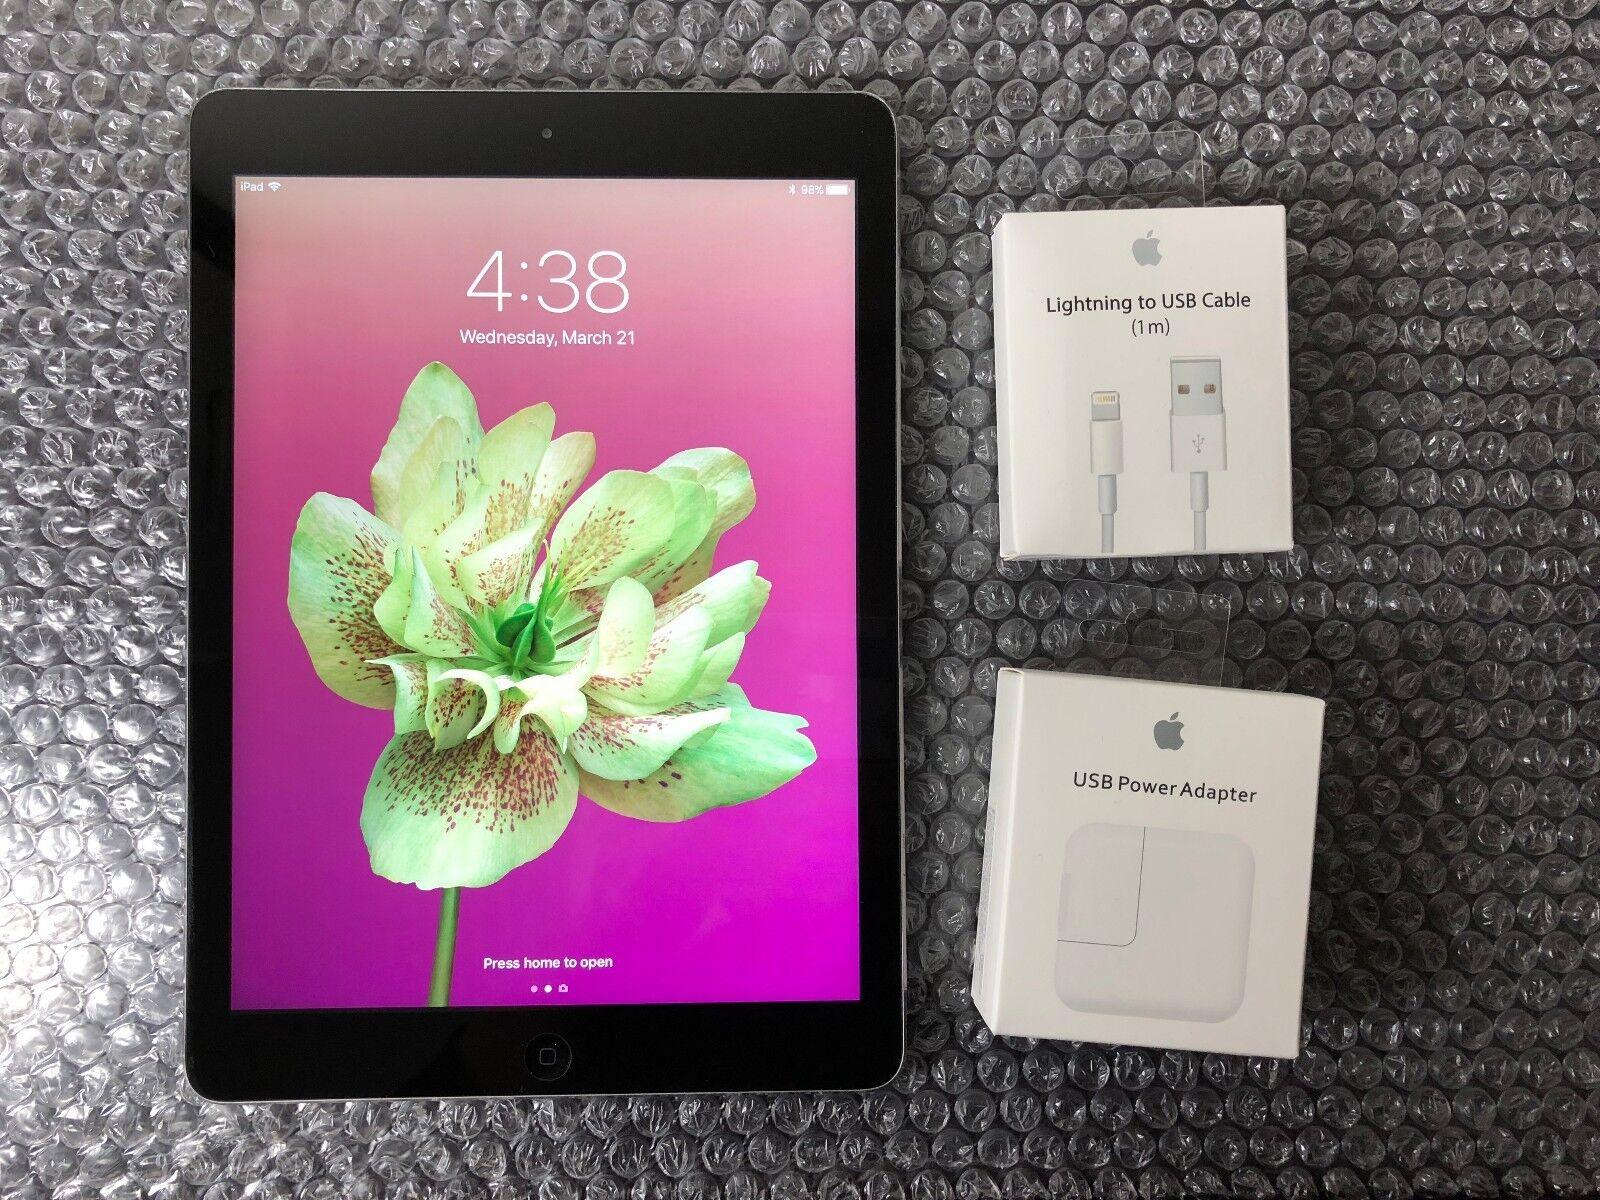 """Apple iPad Air 1st Generation MD785LL/A 16GB A1474 Wi-Fi Retina 9.7"""" Space Gray"""